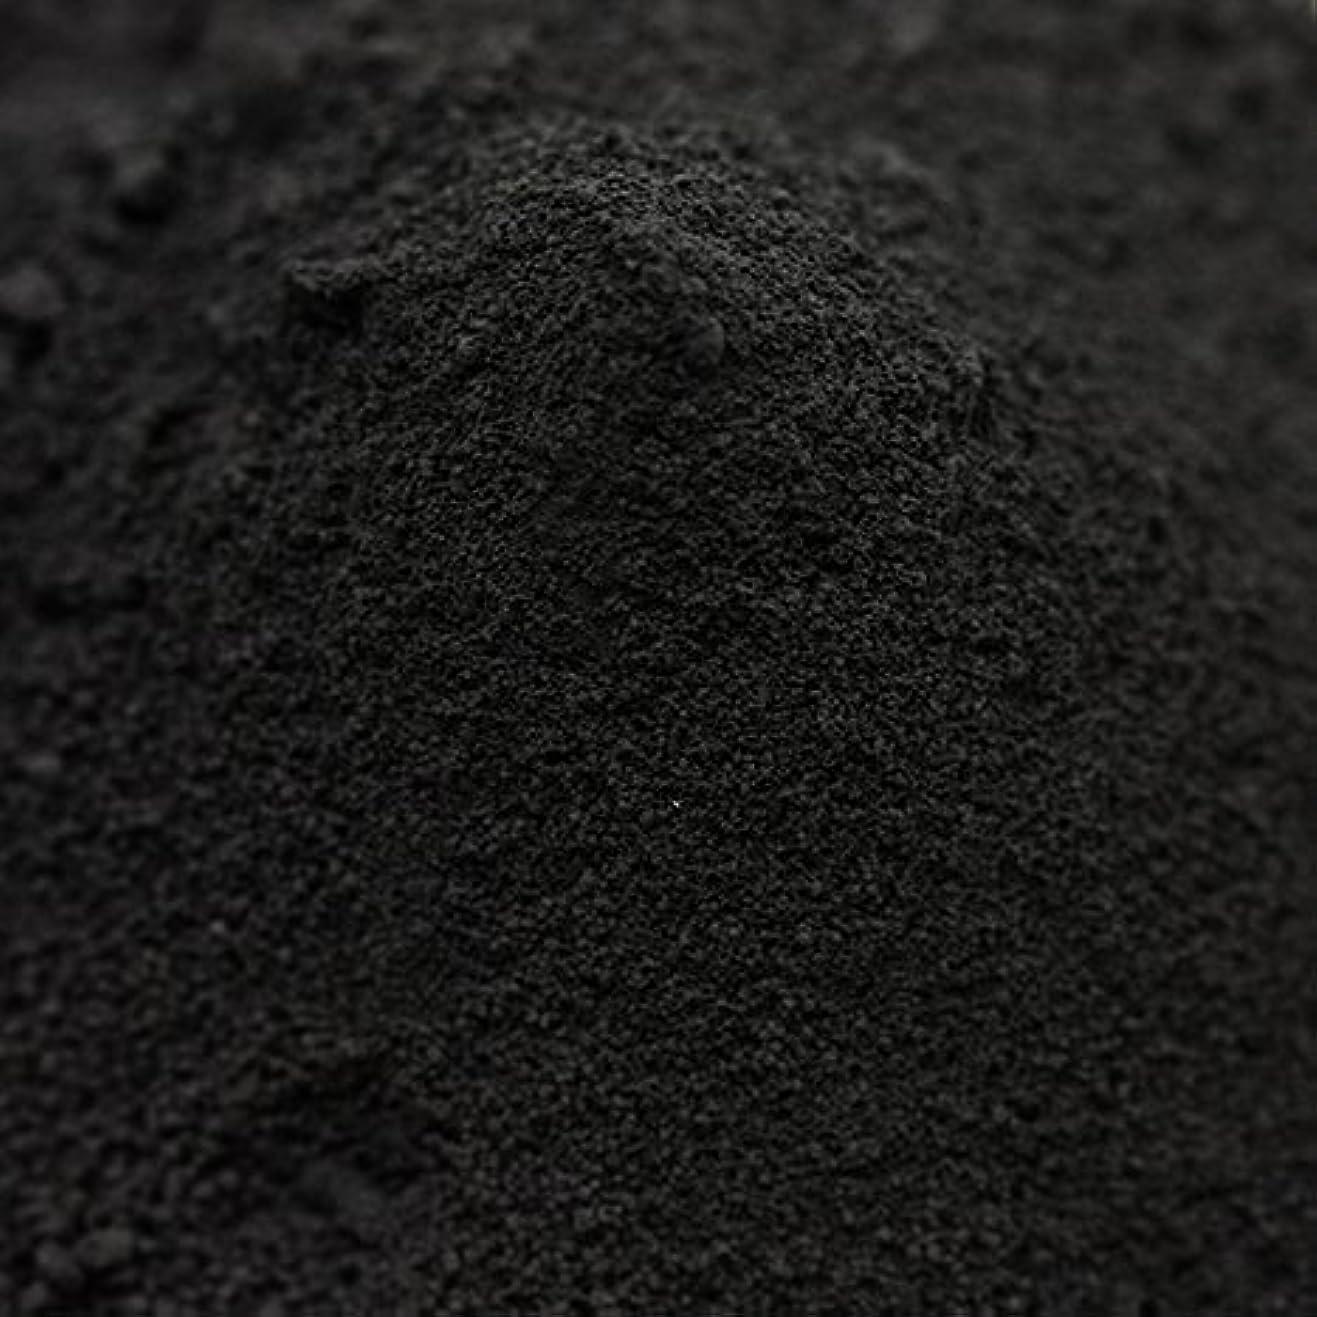 危険な放つナチュラ竹炭パウダー(超微粉末) 100g 【手作り石鹸/手作りコスメに】